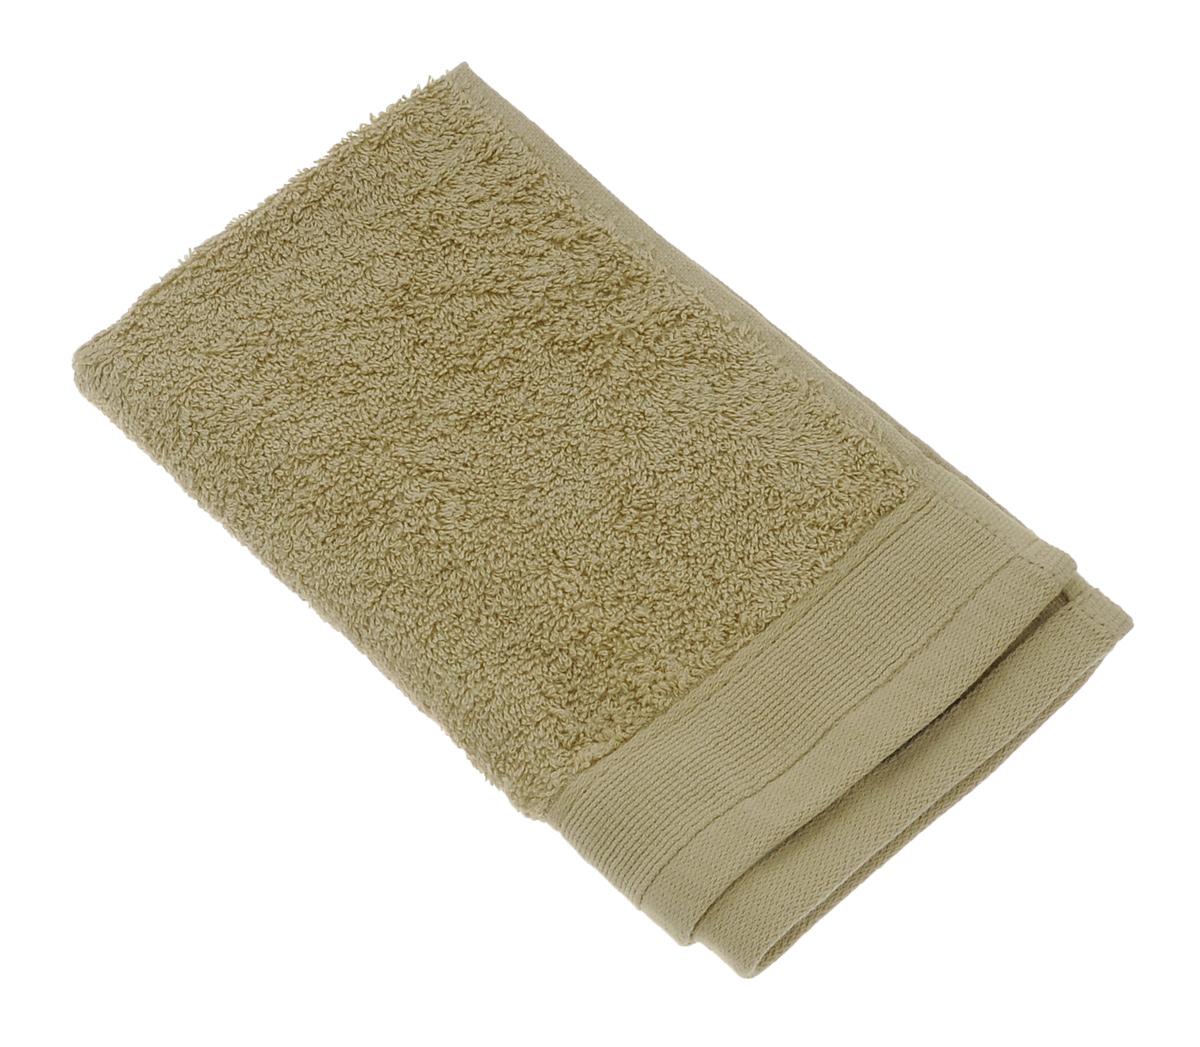 Полотенце махровое Guten Morgen, цвет: фисташковый, 30 х 50 смПМф-30-50Махровое полотенце Guten Morgen, изготовленное из натурального хлопка, прекрасно впитывает влагу и быстро сохнет. Высокая плотность ткани делает полотенце мягкими, прочными и пушистыми. При соблюдении рекомендаций по уходу изделие сохраняет яркость цвета и не теряет форму даже после многократных стирок. Махровое полотенце Guten Morgen станет достойным выбором для вас и приятным подарком для ваших близких. Мягкость и высокое качество материала, из которого изготовлено полотенце, не оставит вас равнодушными.